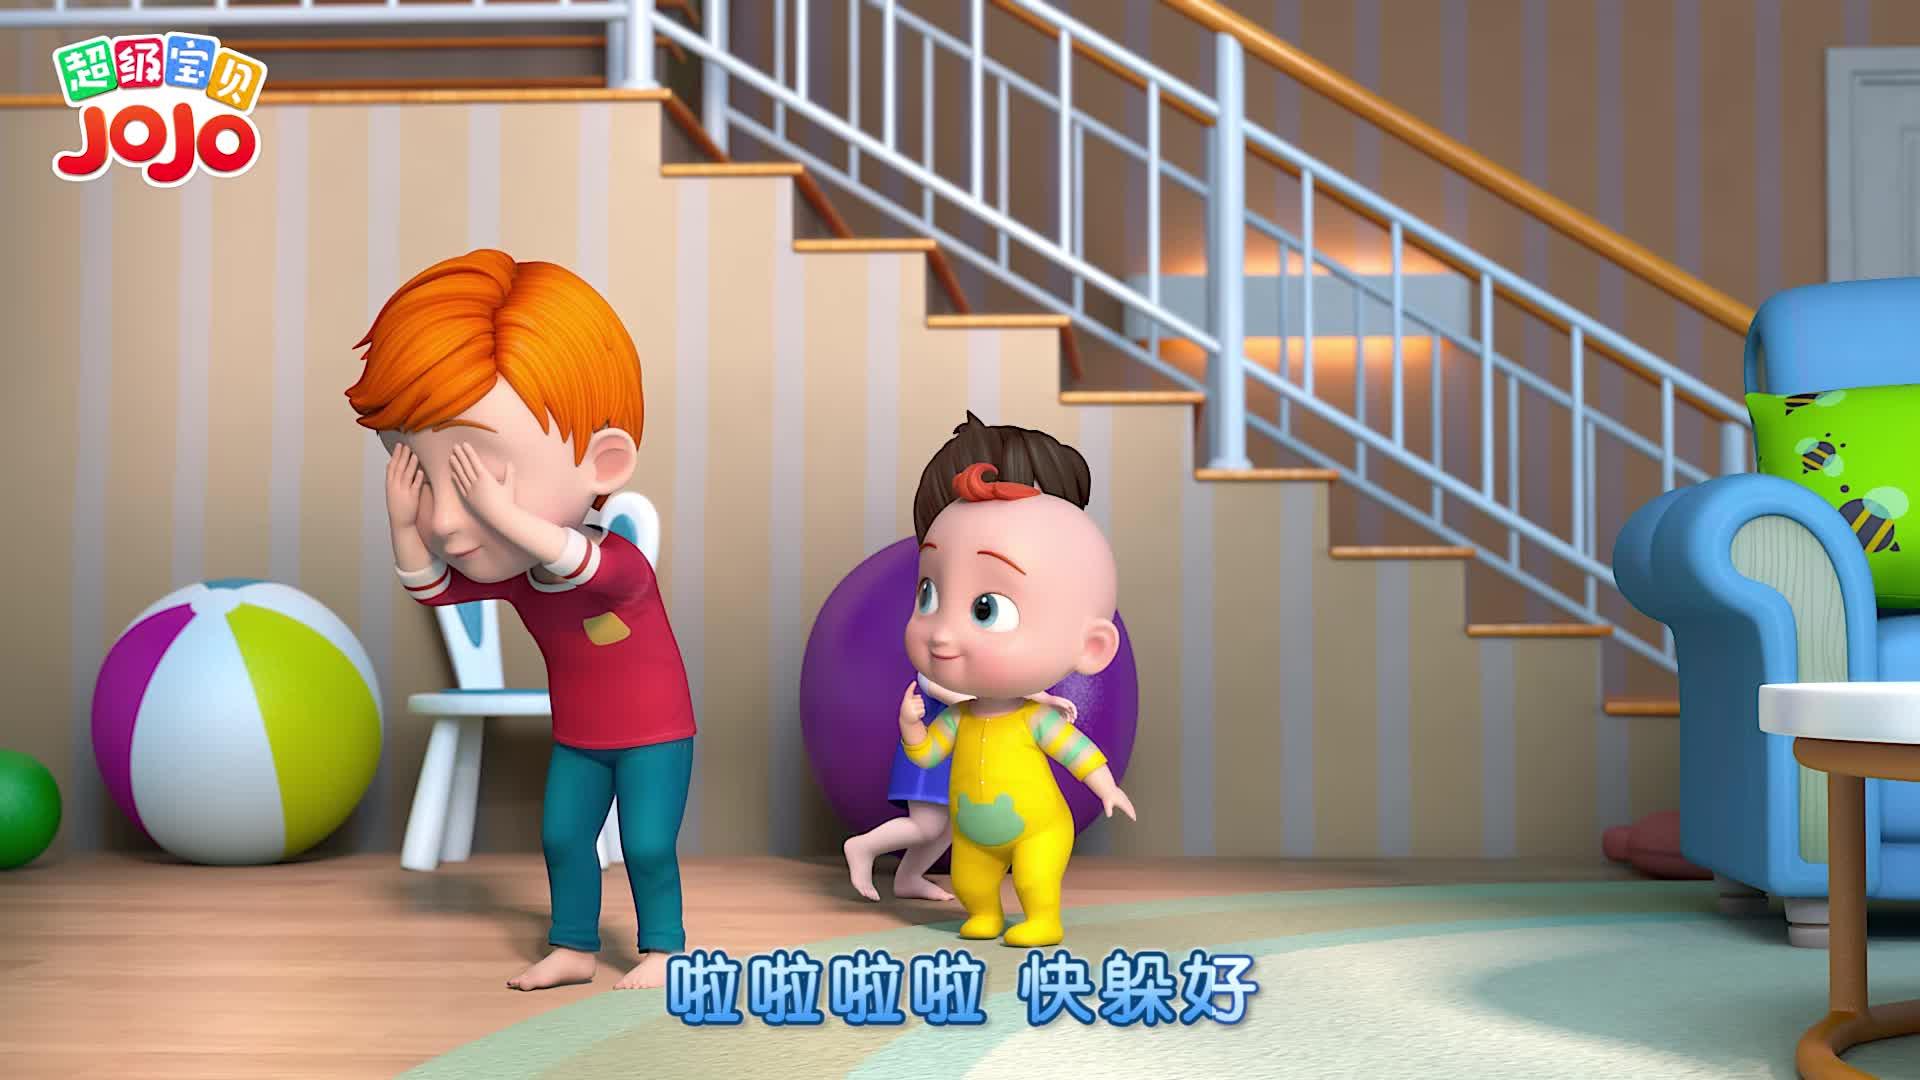 超级宝贝JOJO 第7集 一起捉迷藏